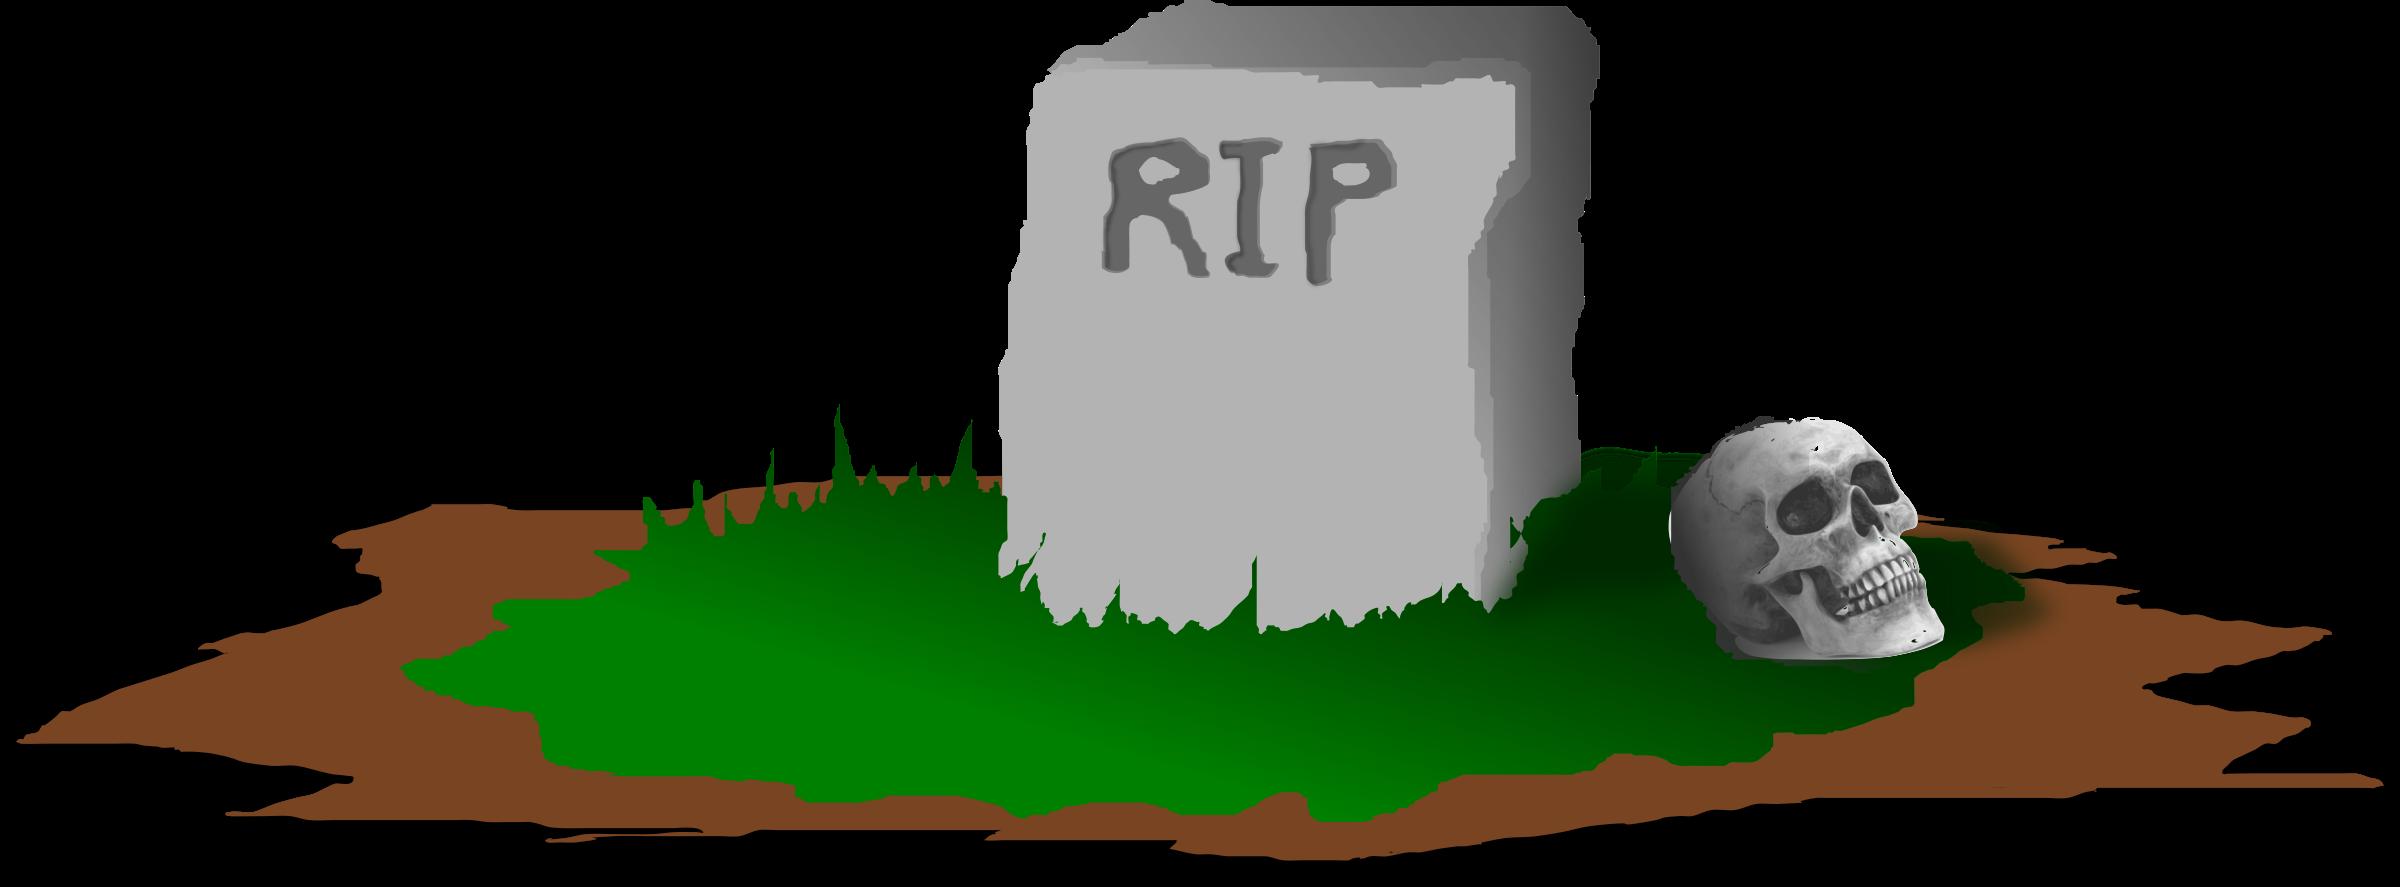 Clipart grave